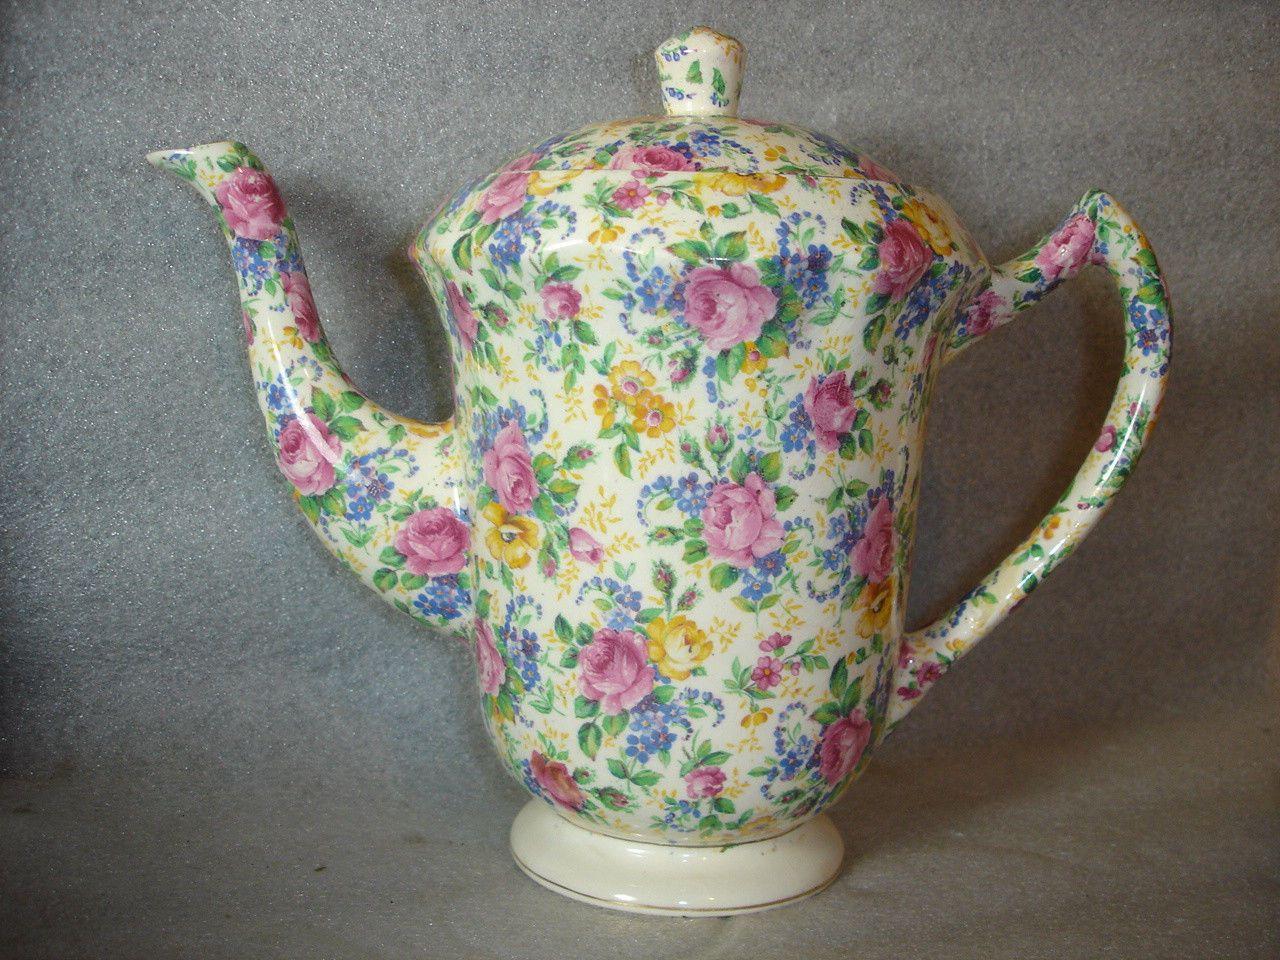 James Kent Rosalynde Chintz 2 Pint Coffee Pot Teapot Vintage 1930s